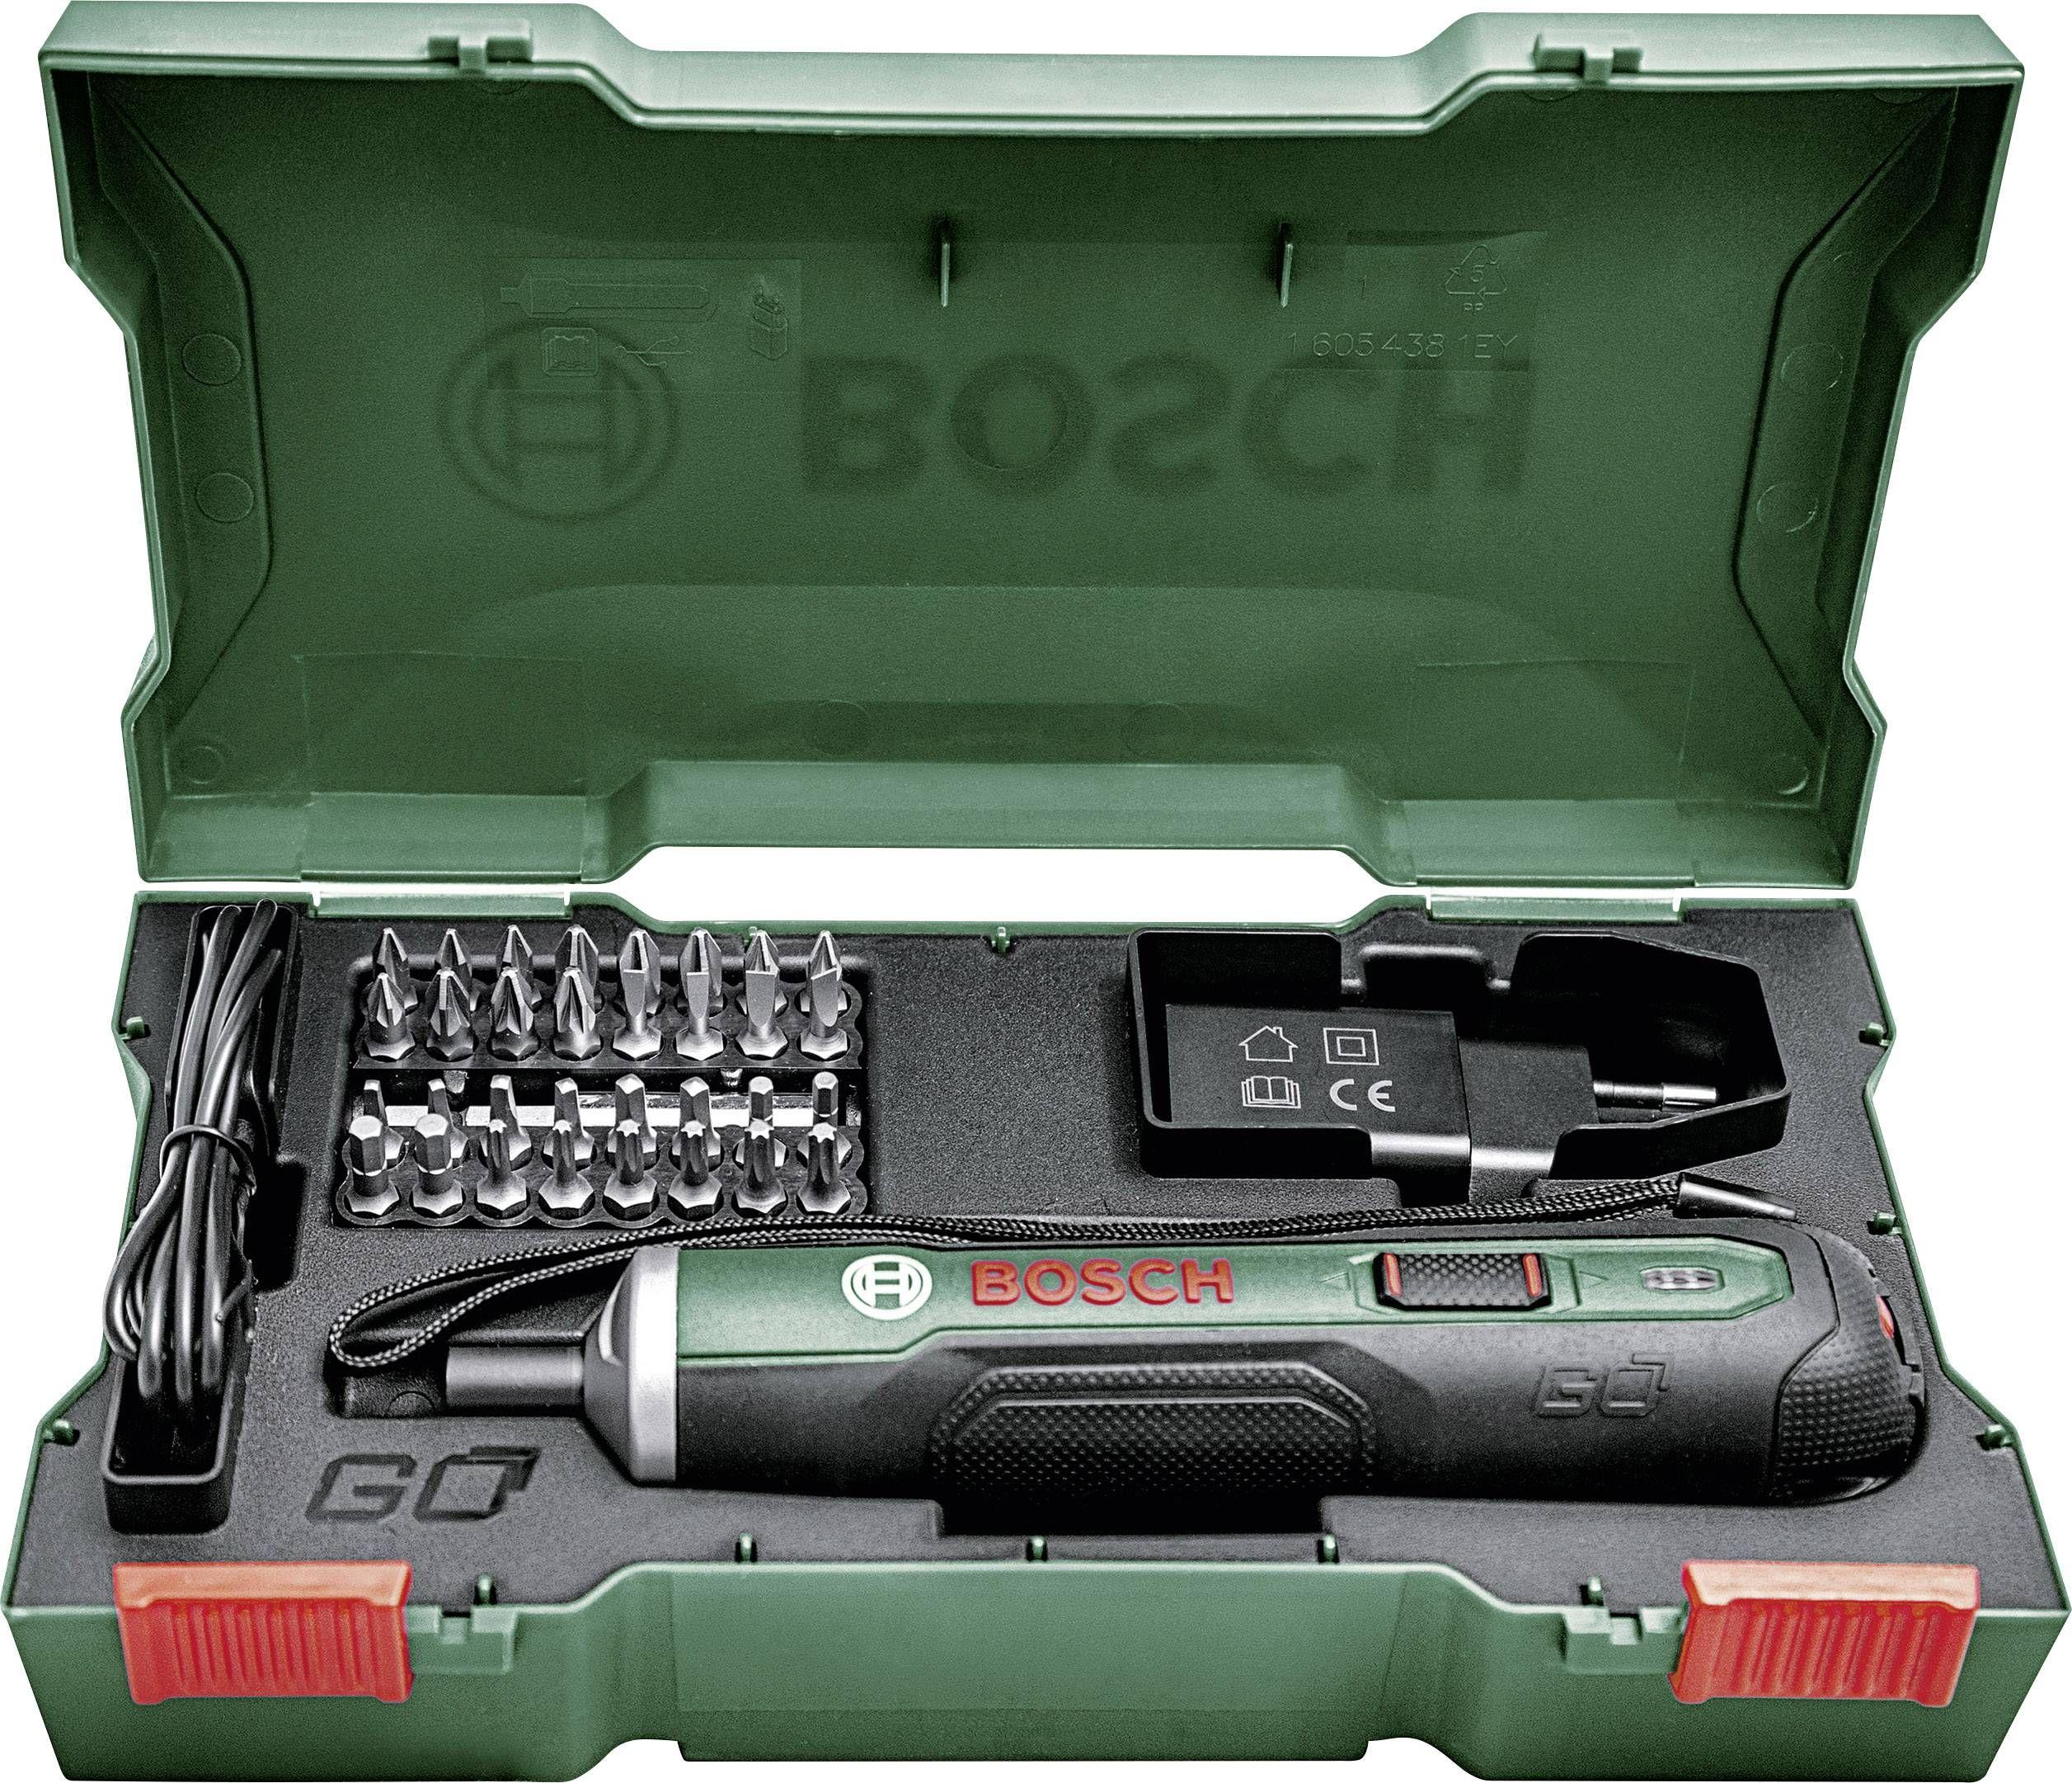 Wkrętak akumulatorowy Bosch PushDrive Set + 32 bity